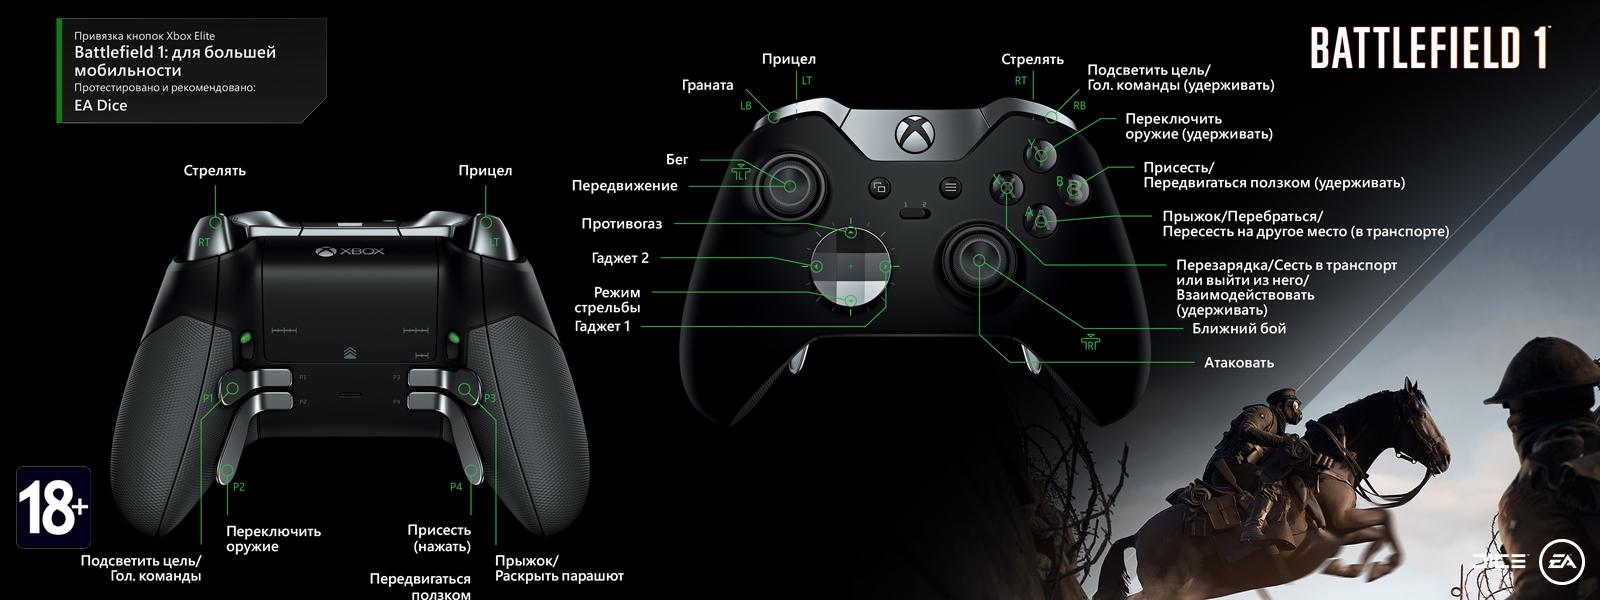 Battlefield 1 — раскладка для высокой подвижности под геймпад Elite